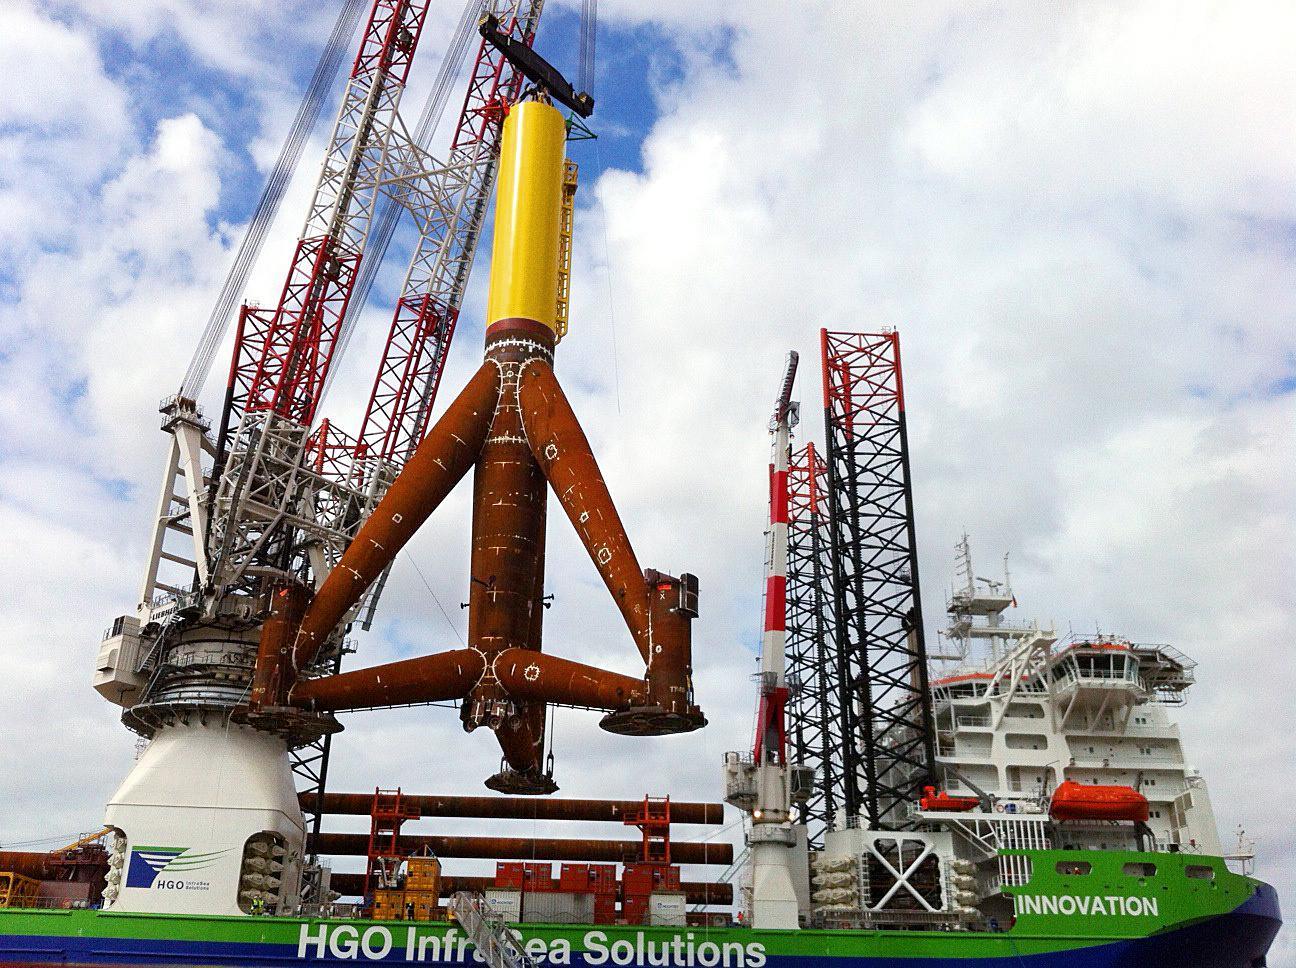 Eólica: HOCHTIEF y Windreich presentan el proyecto Global Tech I en Husum WindEnergy 2012